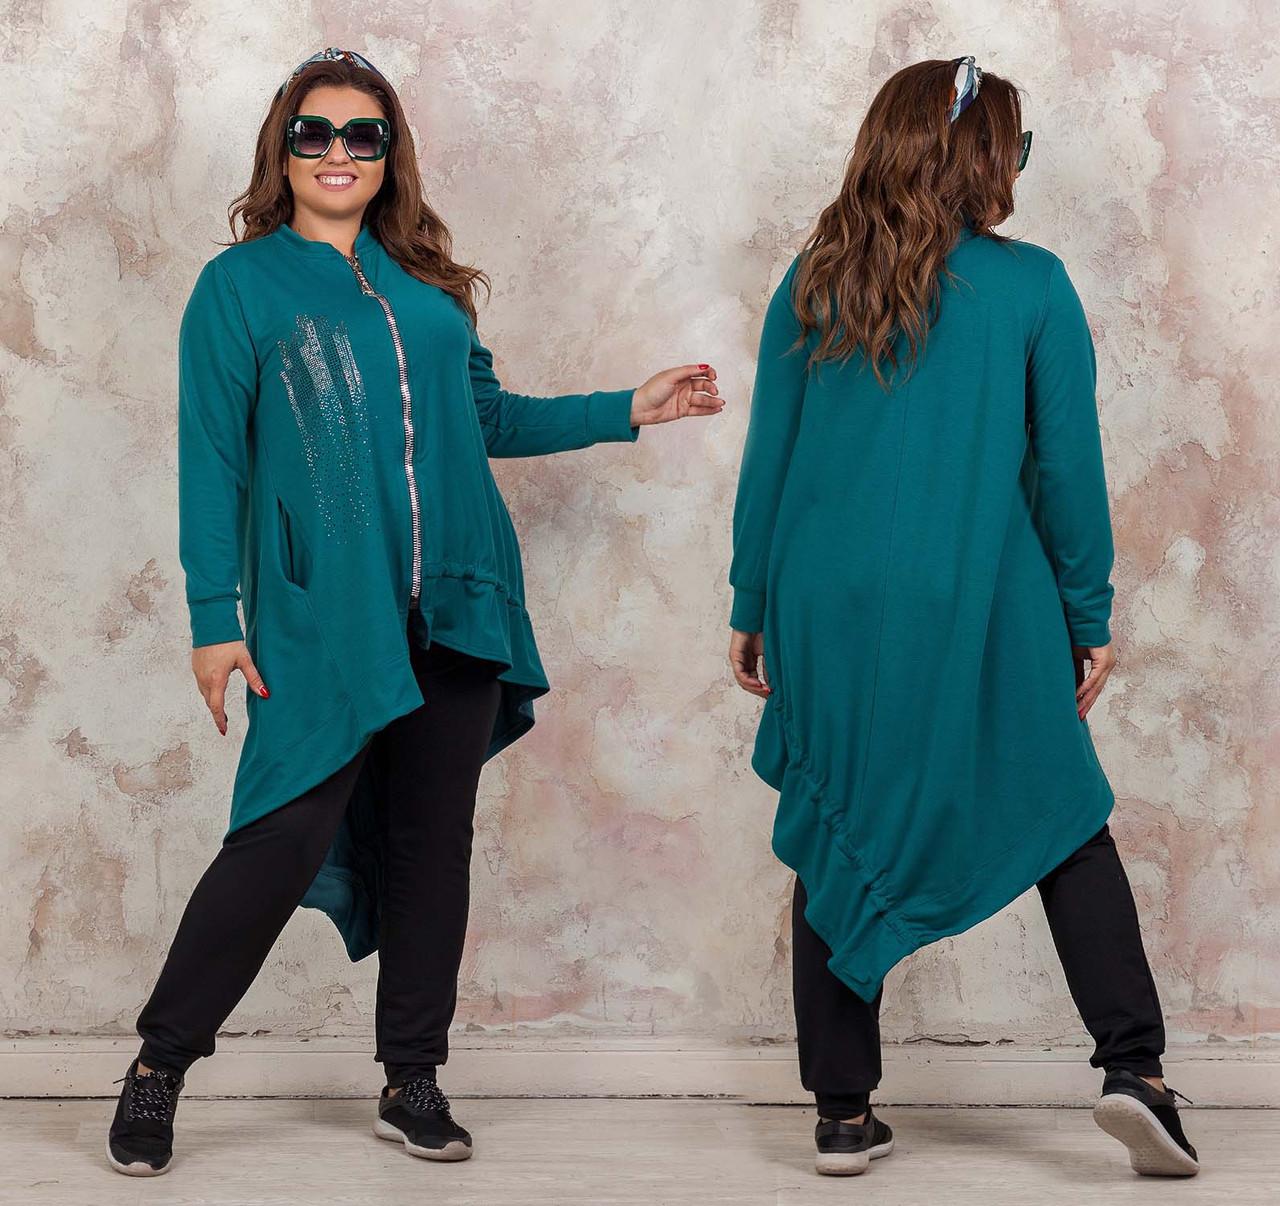 """Жіночий стильний брючний костюм у великих розмірах 3253 """"Кардиган Драпірування Стрази"""" в кольорах"""